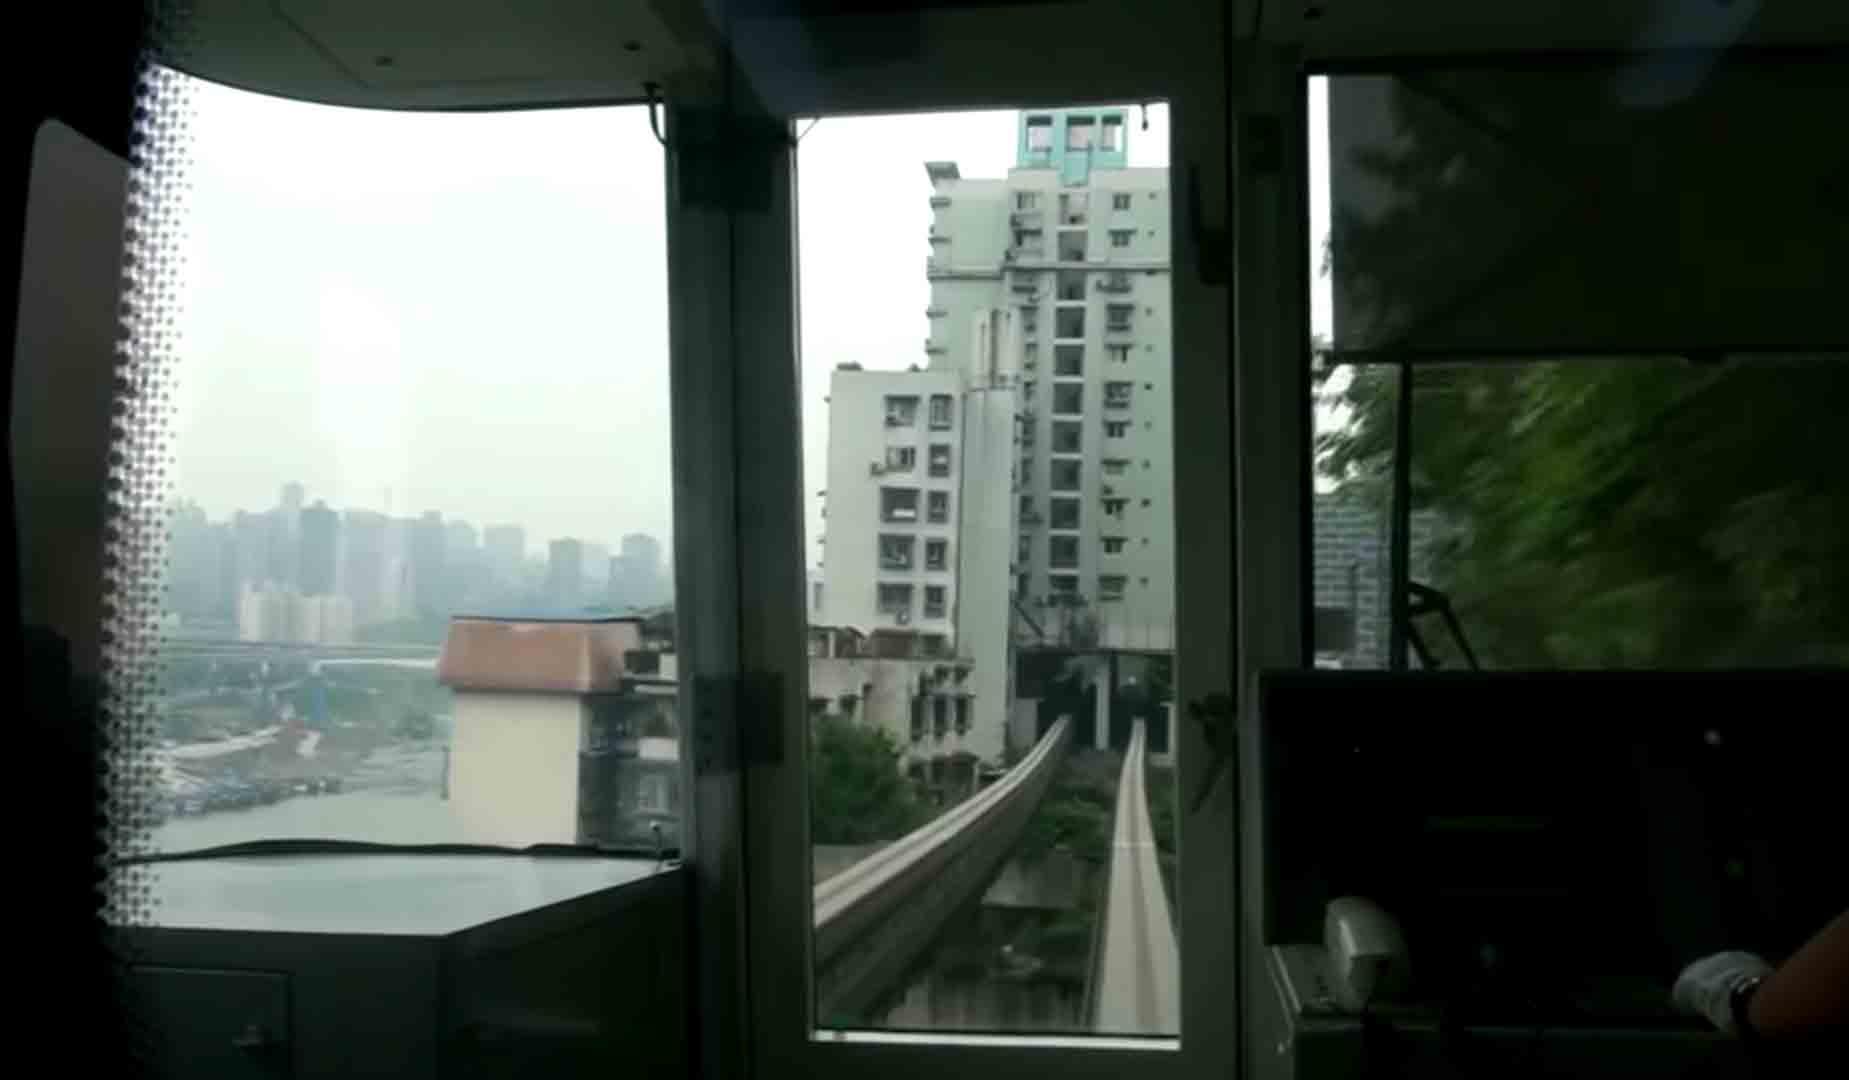 Esta linha de trem passa por dentro de um prédio residencial. Foto: Reprodução Youtube